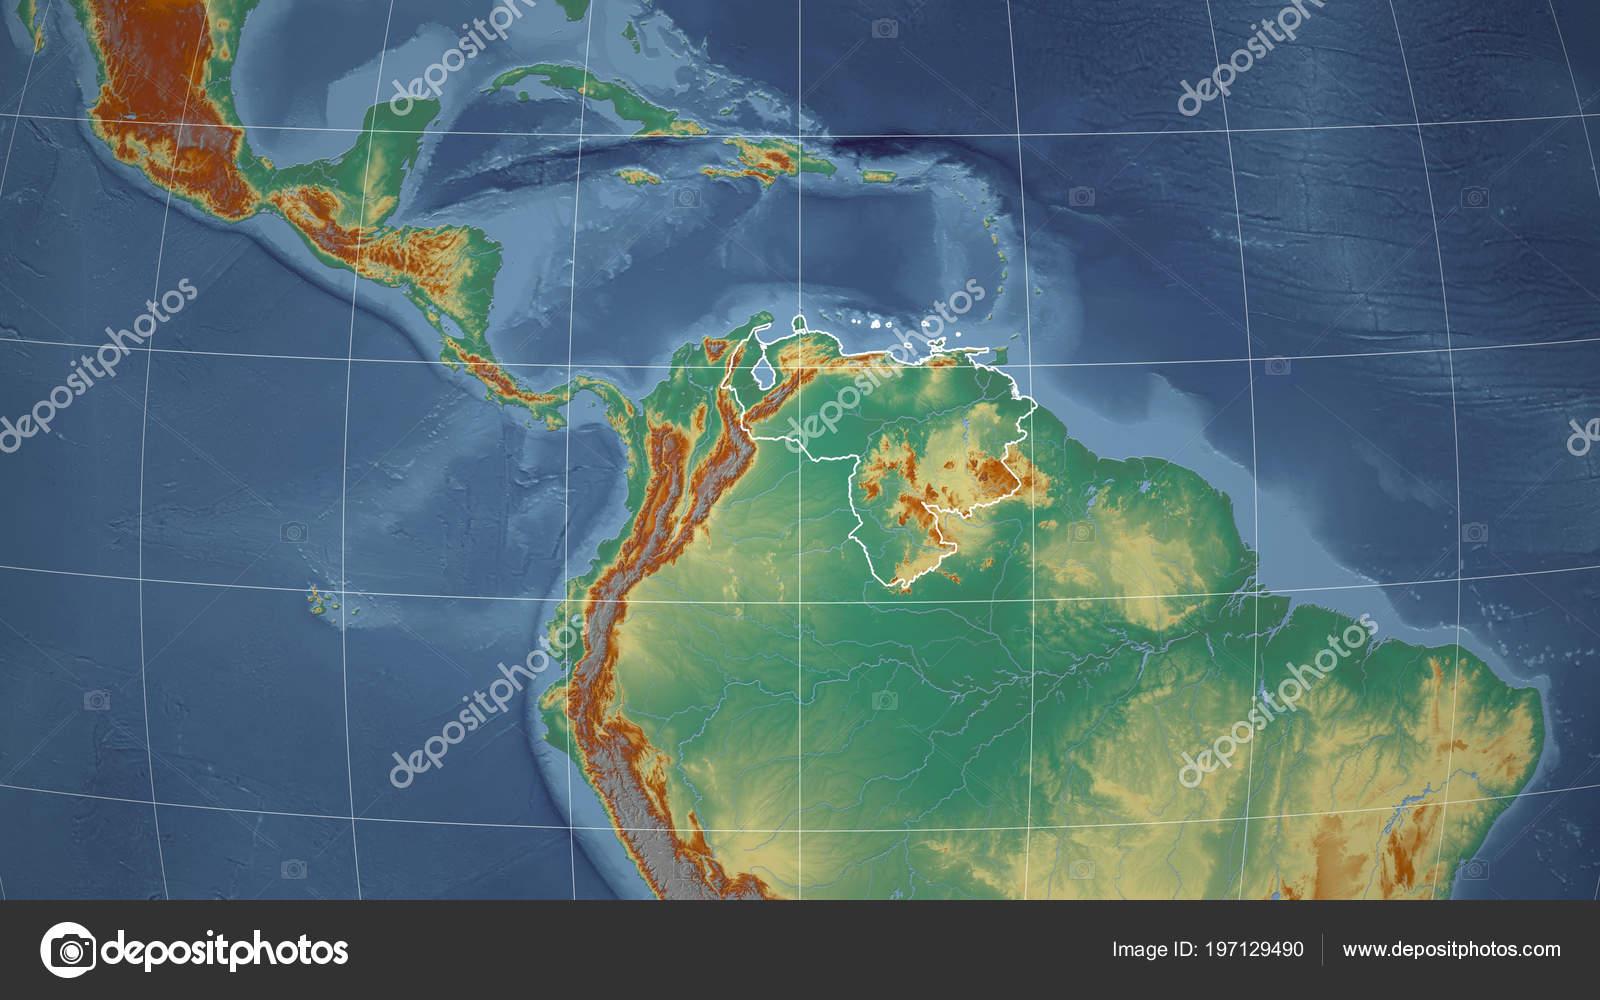 Venezuela Topographic Map.Venezuela Neighborhood Distant Perspective Outline Country